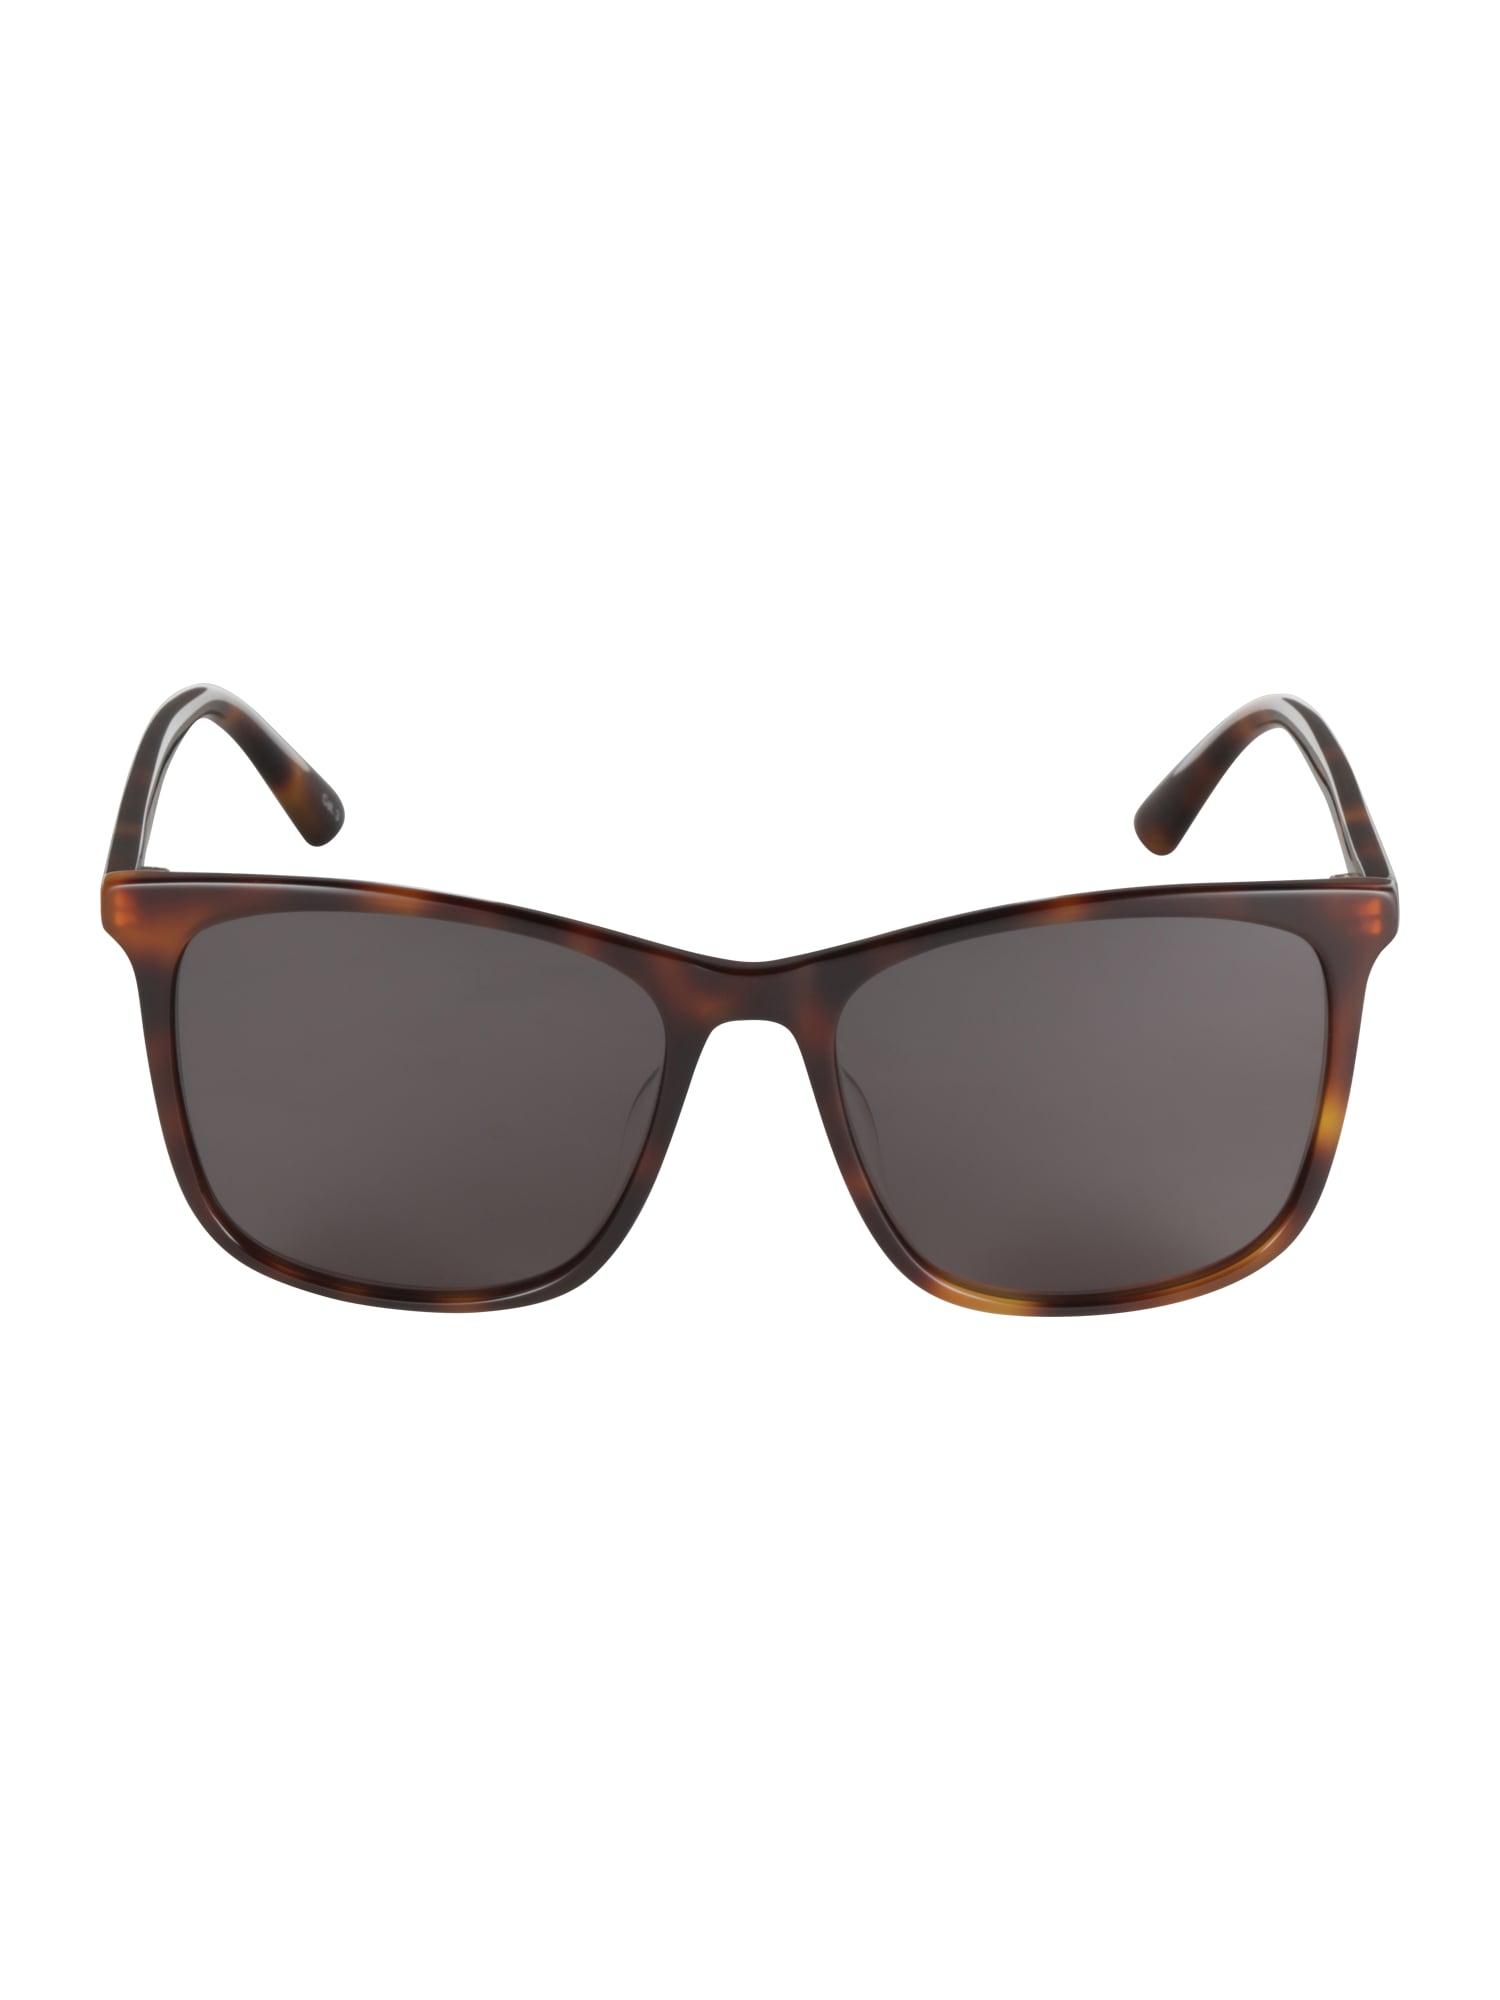 Sonnenbrille 'MQ0182SK-001 56 Sunglass UNISEX ACETATE' | Accessoires > Sonnenbrillen > Sonstige Sonnenbrillen | McQ Alexander McQueen